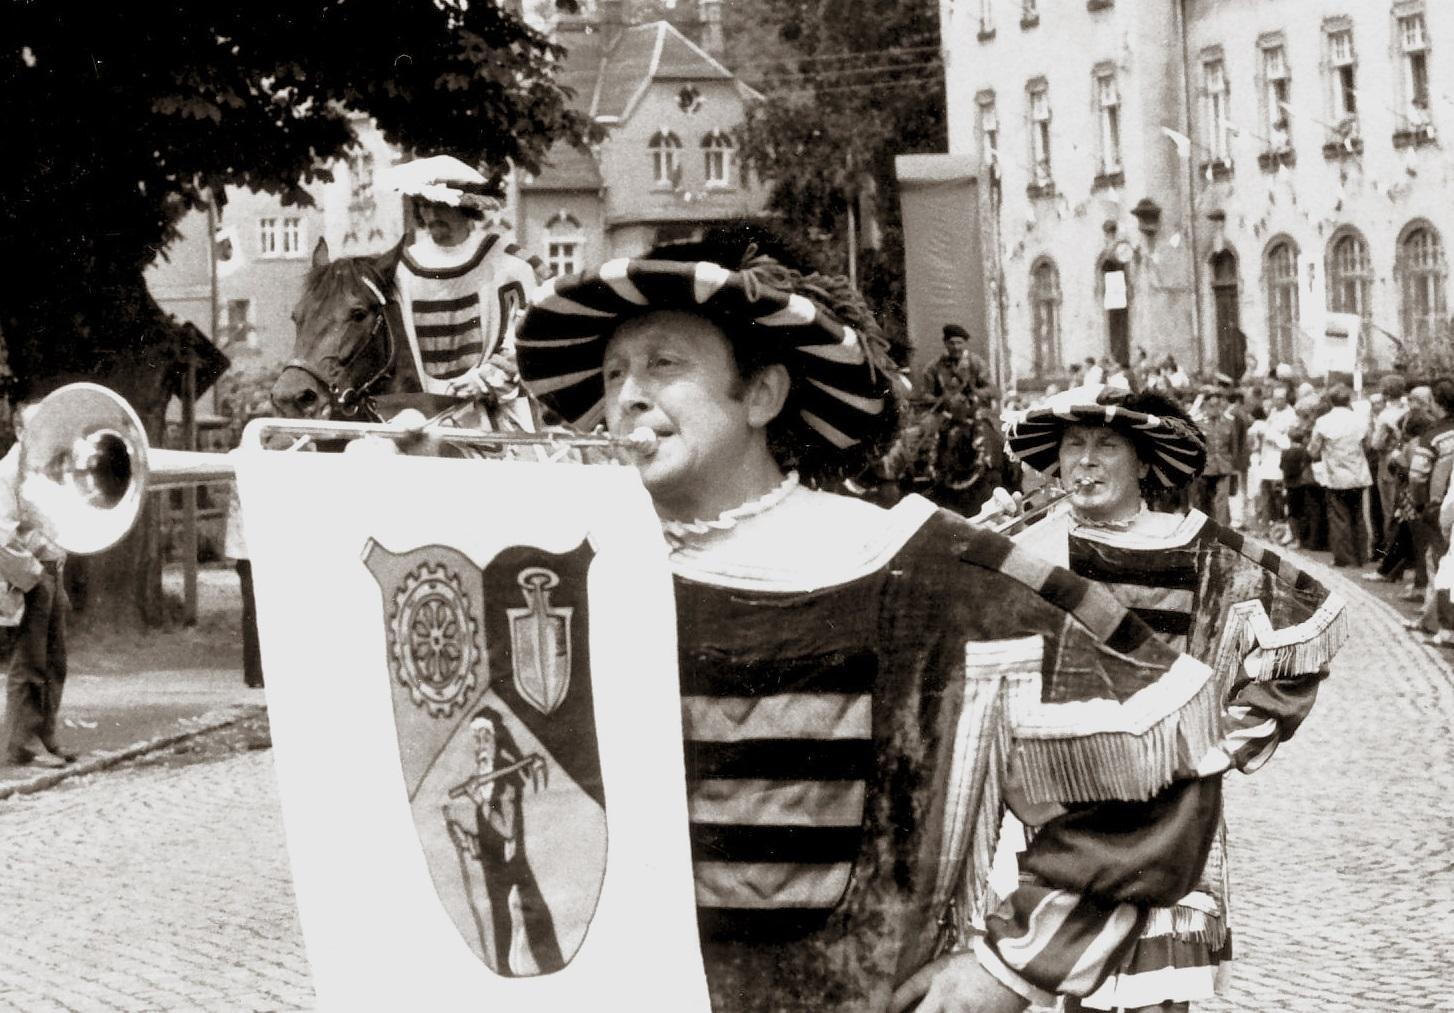 1979: 725 Jahre Ortsgemeinde Einsiedel - mit einem PRÄCHTIGEN AUFTRITT unserer Bläsergilde: mit Fanfaren und in mittelalterlicher Tracht